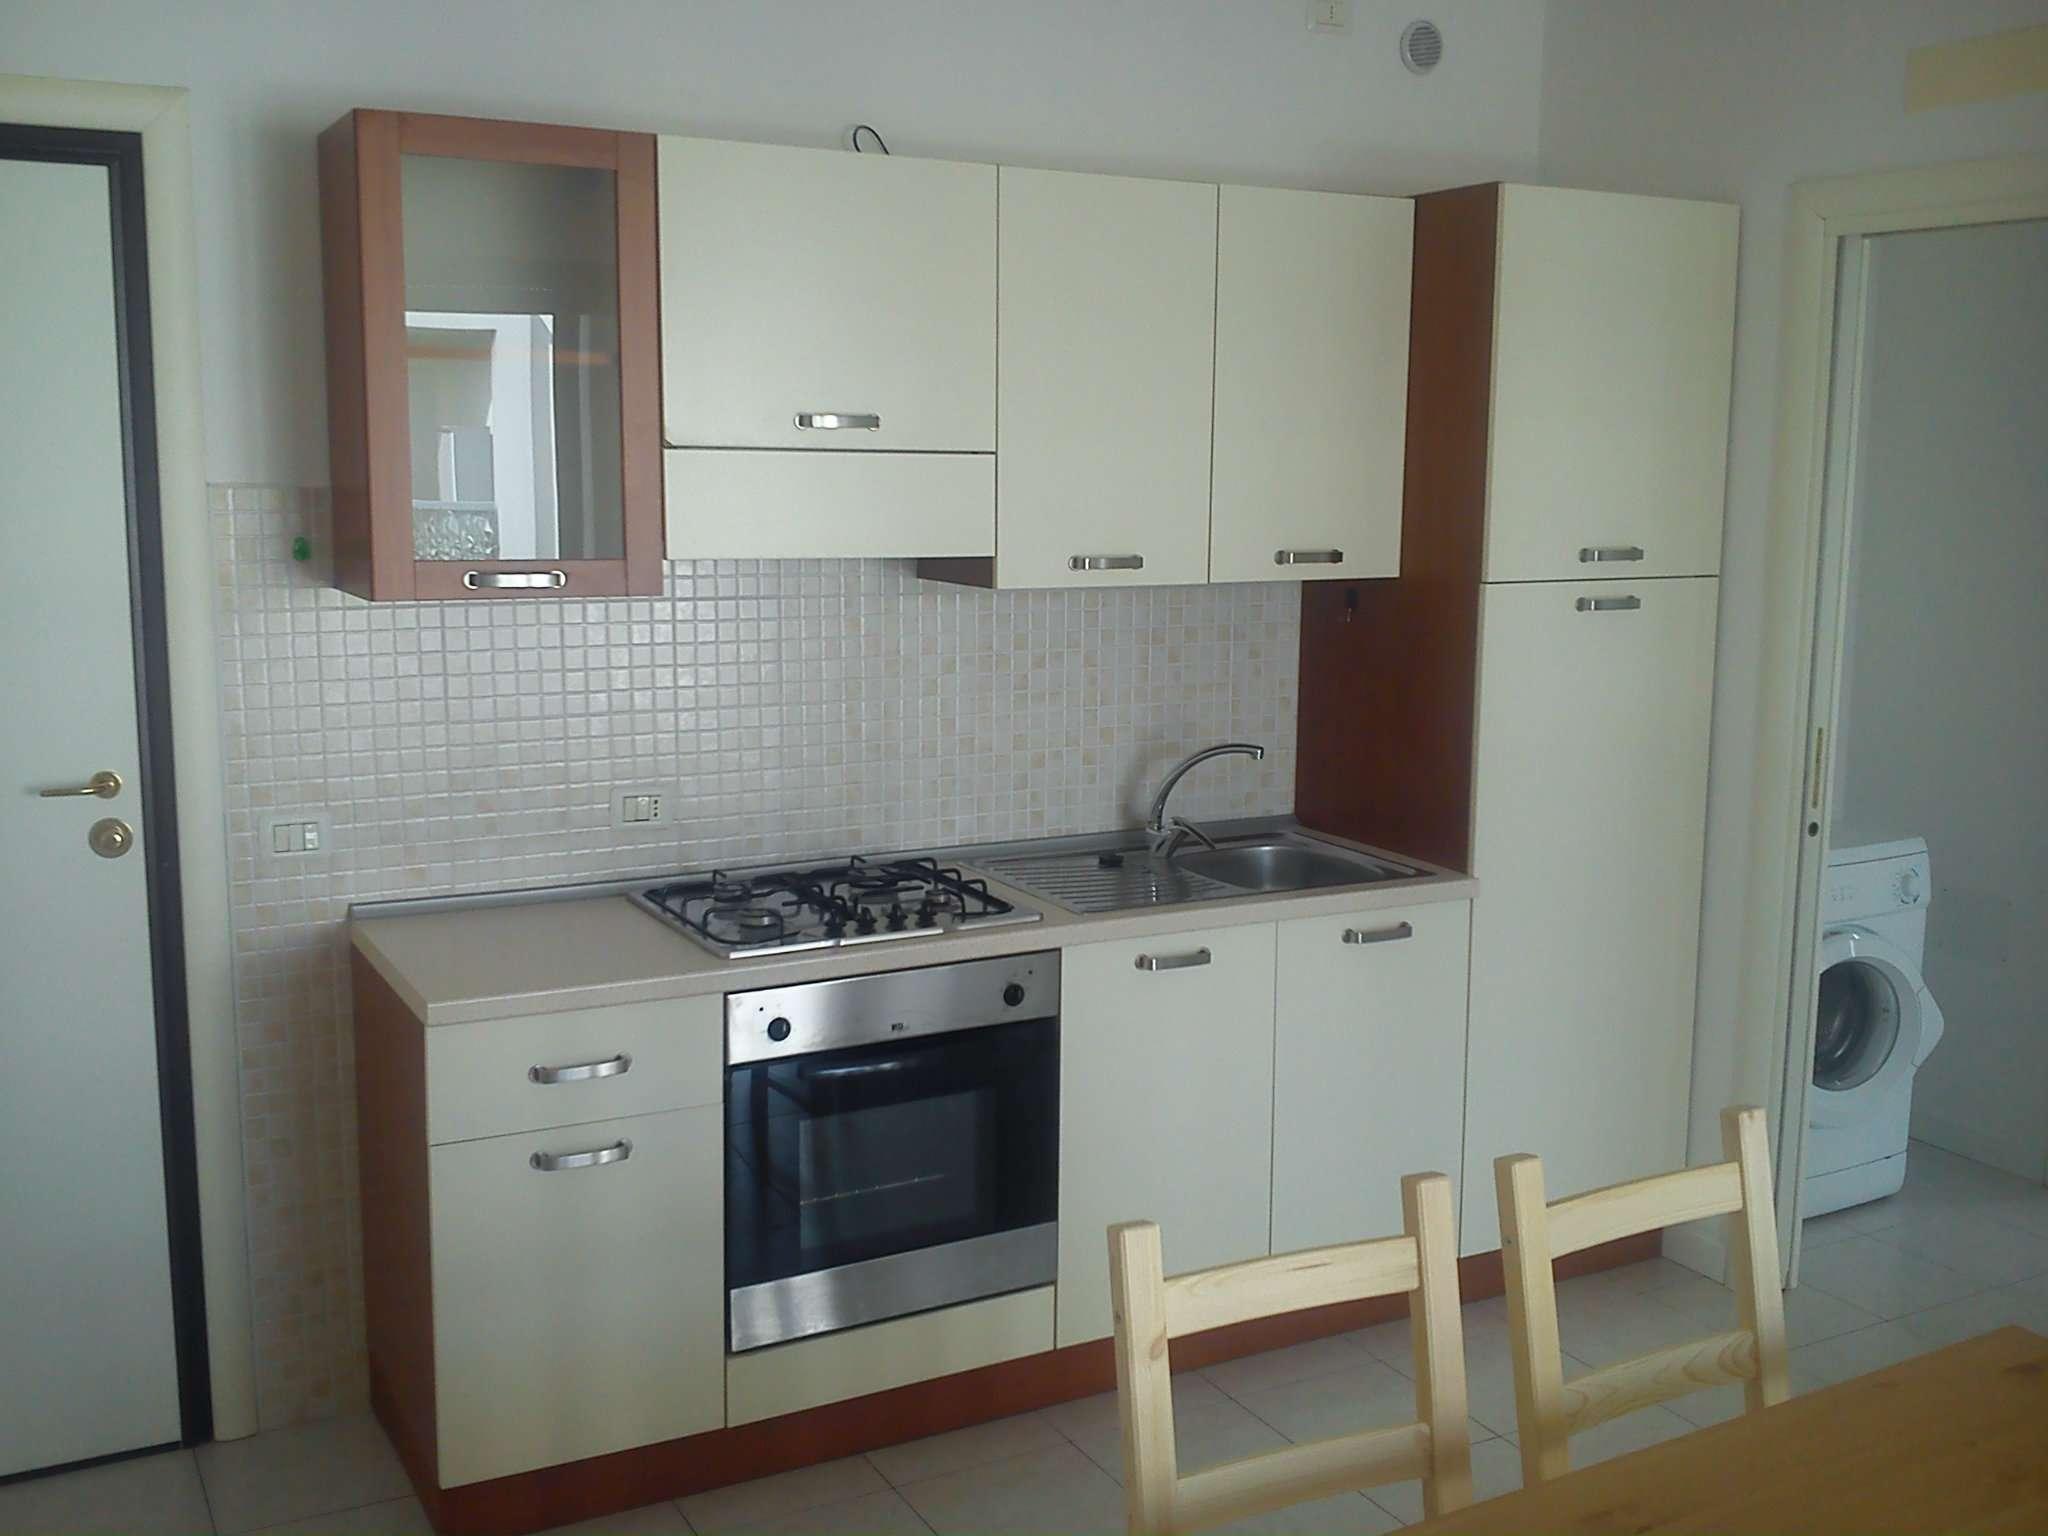 Appartamento in affitto a Forlimpopoli, 2 locali, prezzo € 550 | Cambio Casa.it